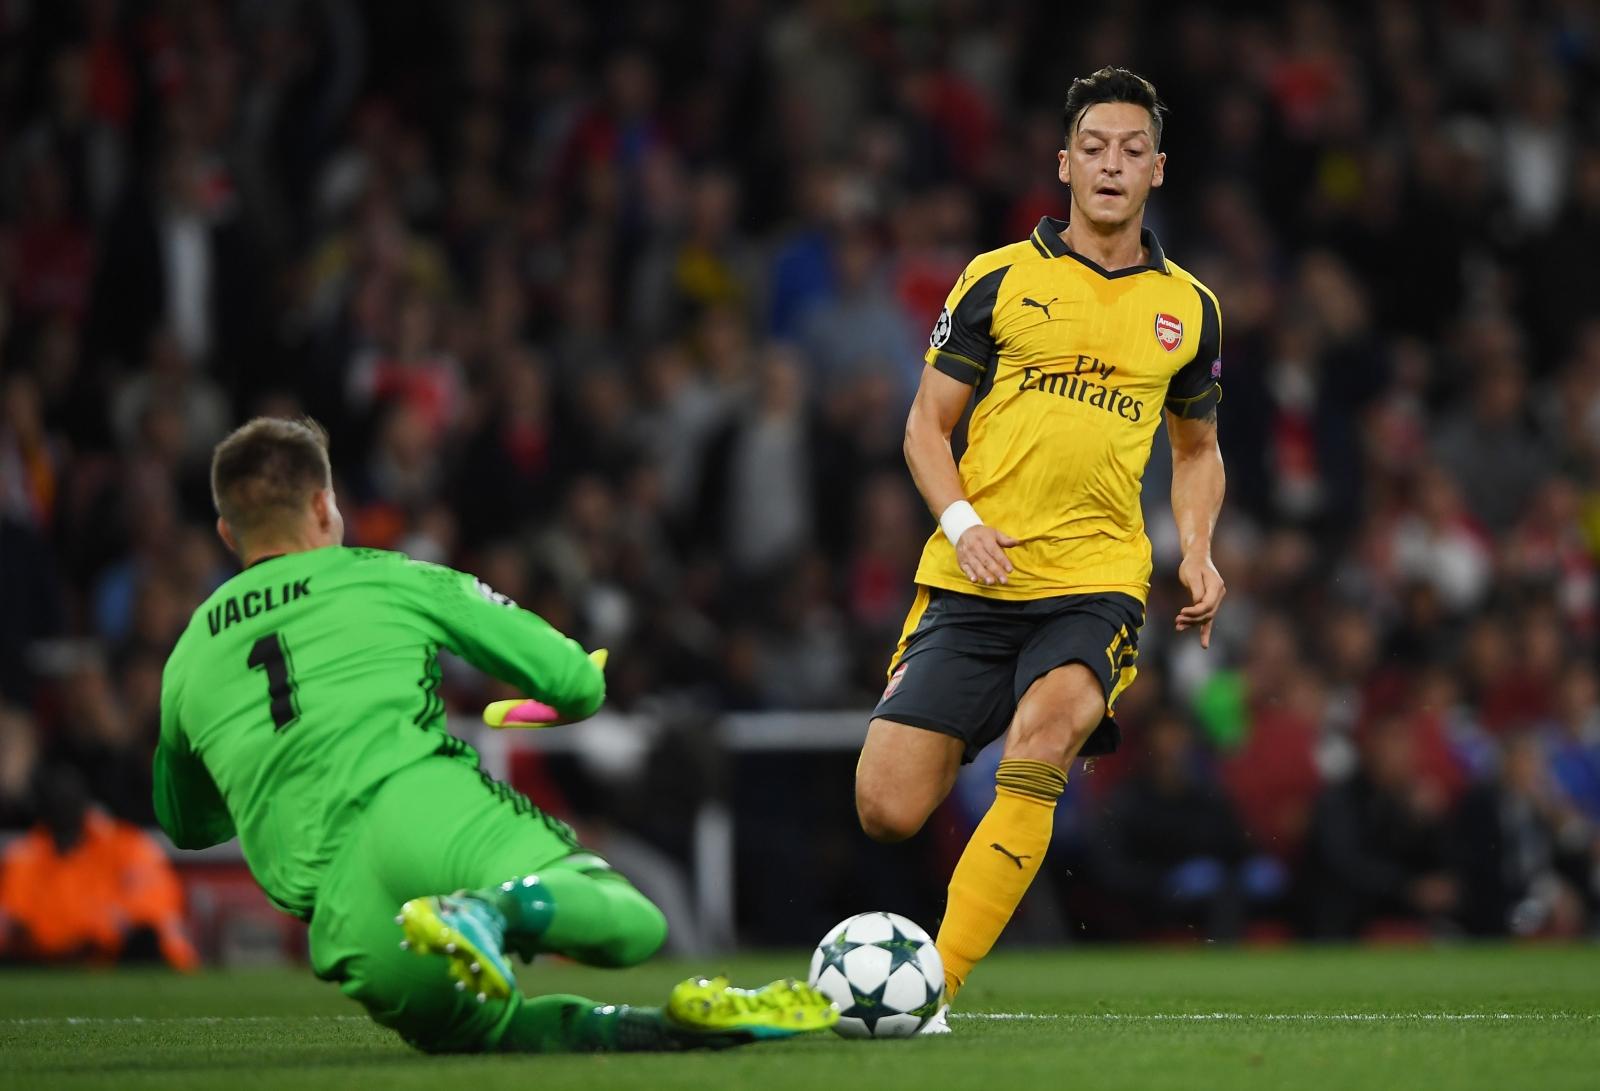 Mesut Ozil tries to reach the ball